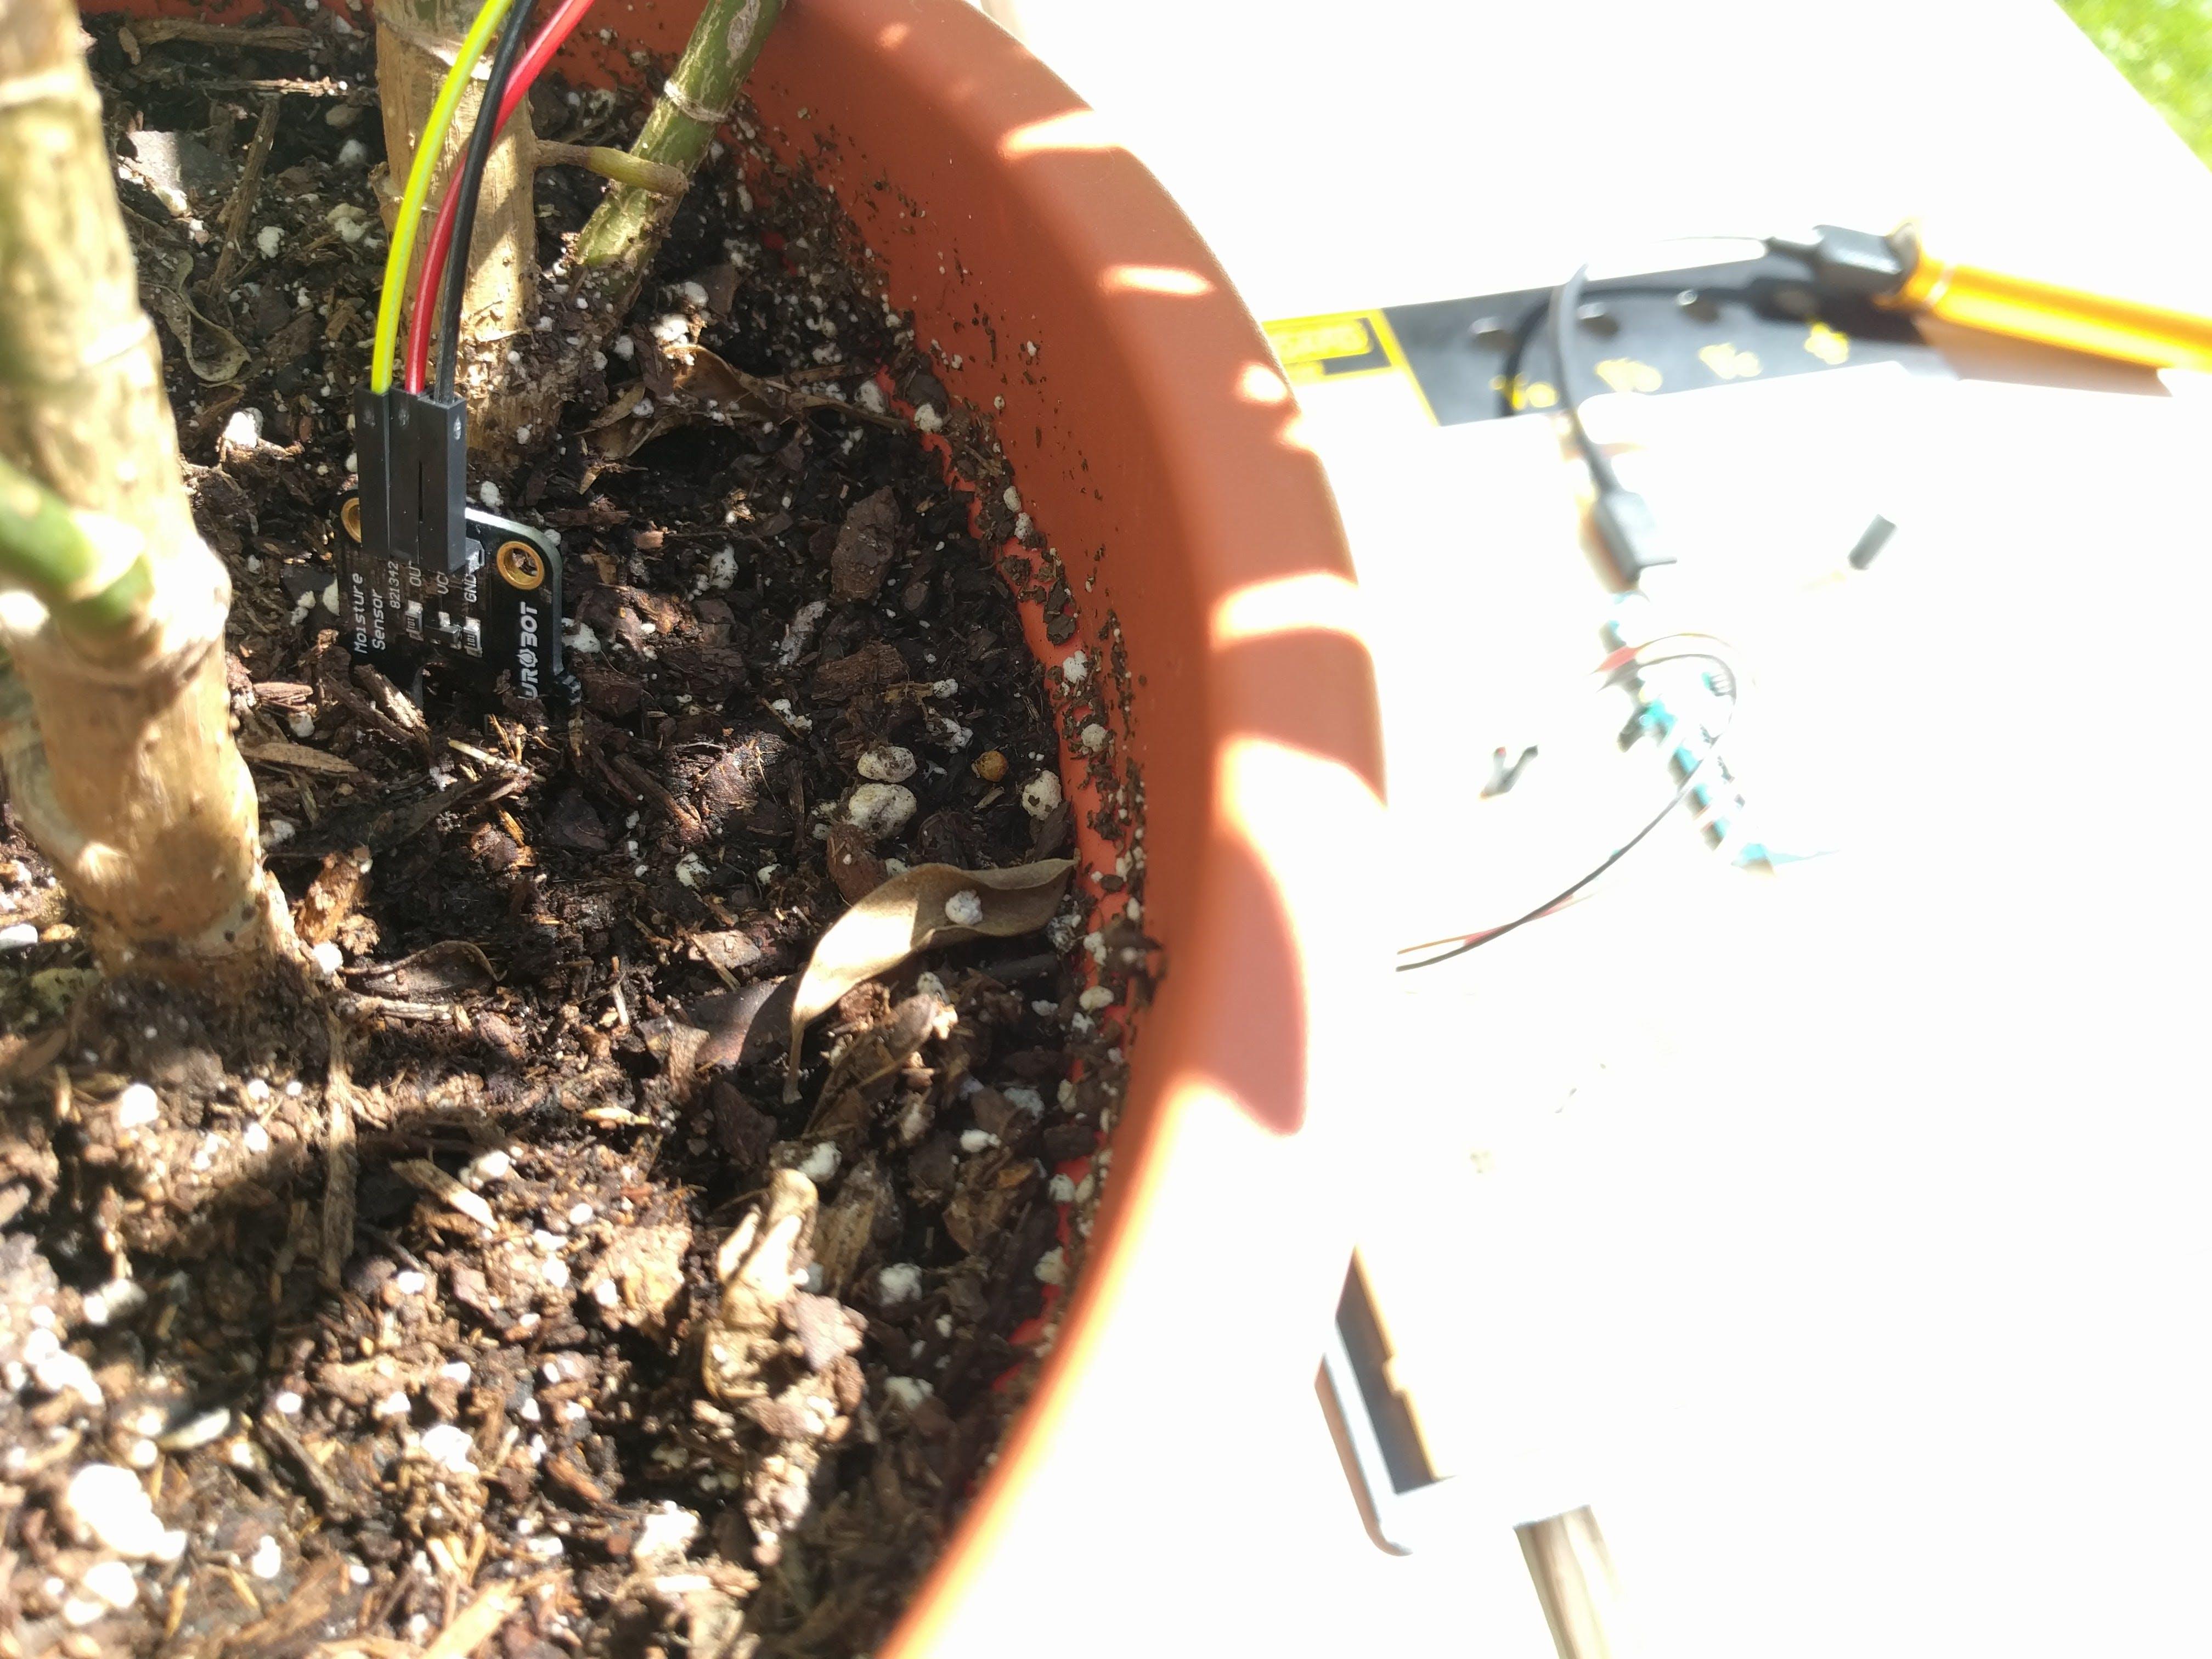 Moisture sensor in soil.